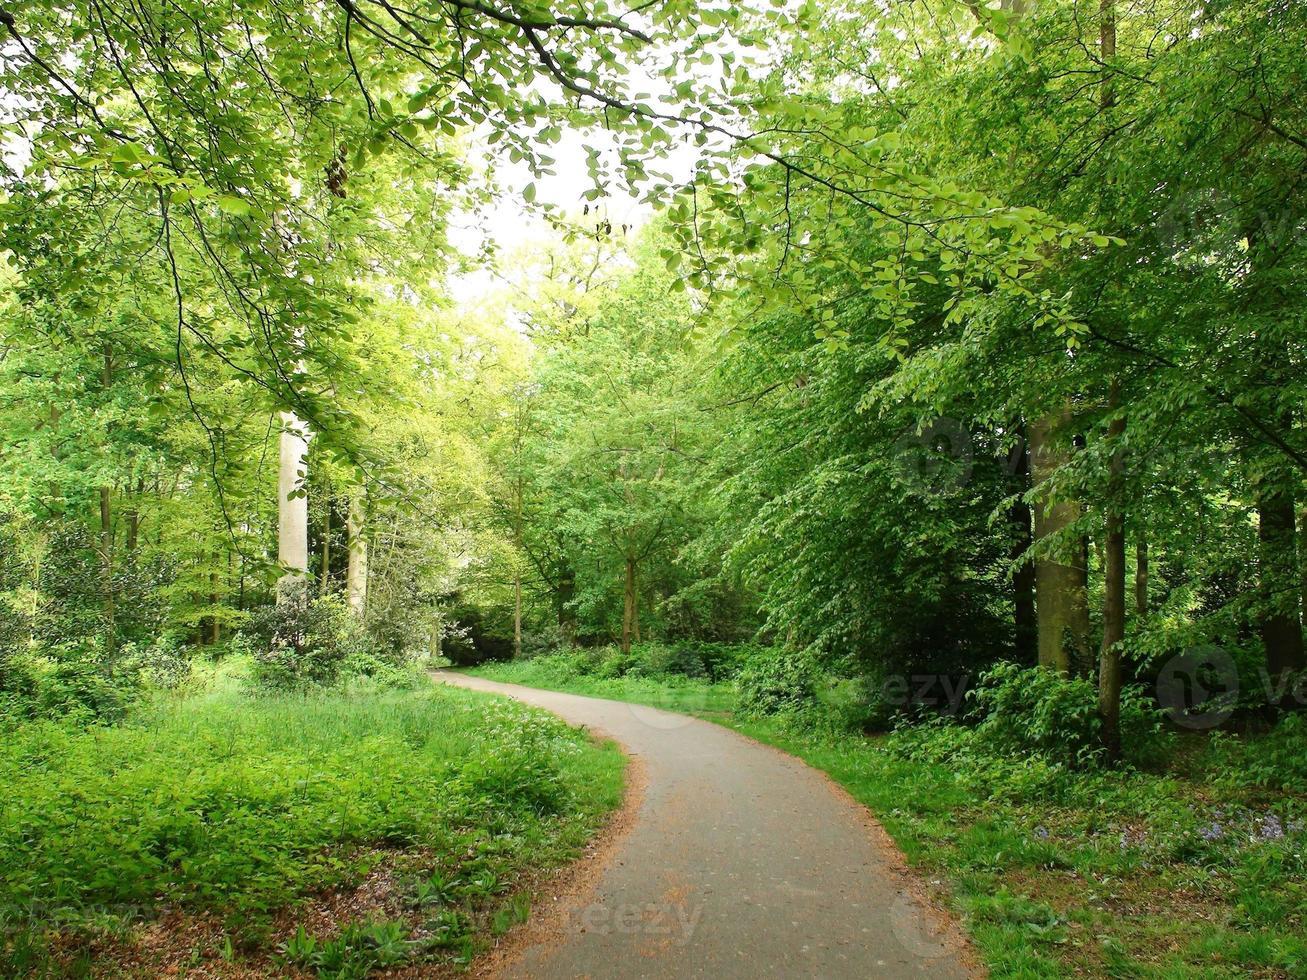 guardando la strada pedonale rurale pedonale in estate foto